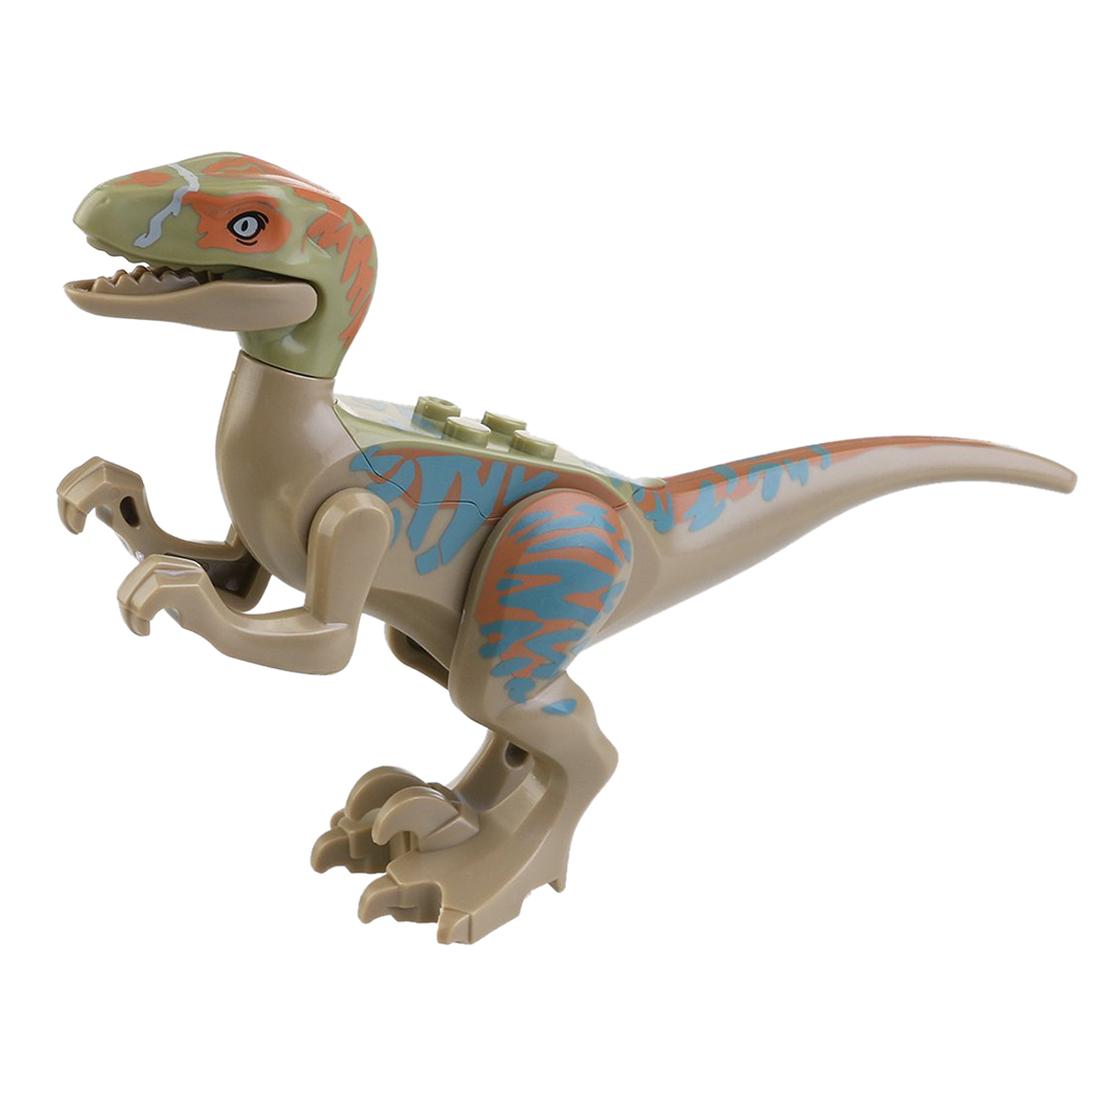 Jurassic Park Dinosaur Toys : Jurassic building blocks park dinosaur toys world